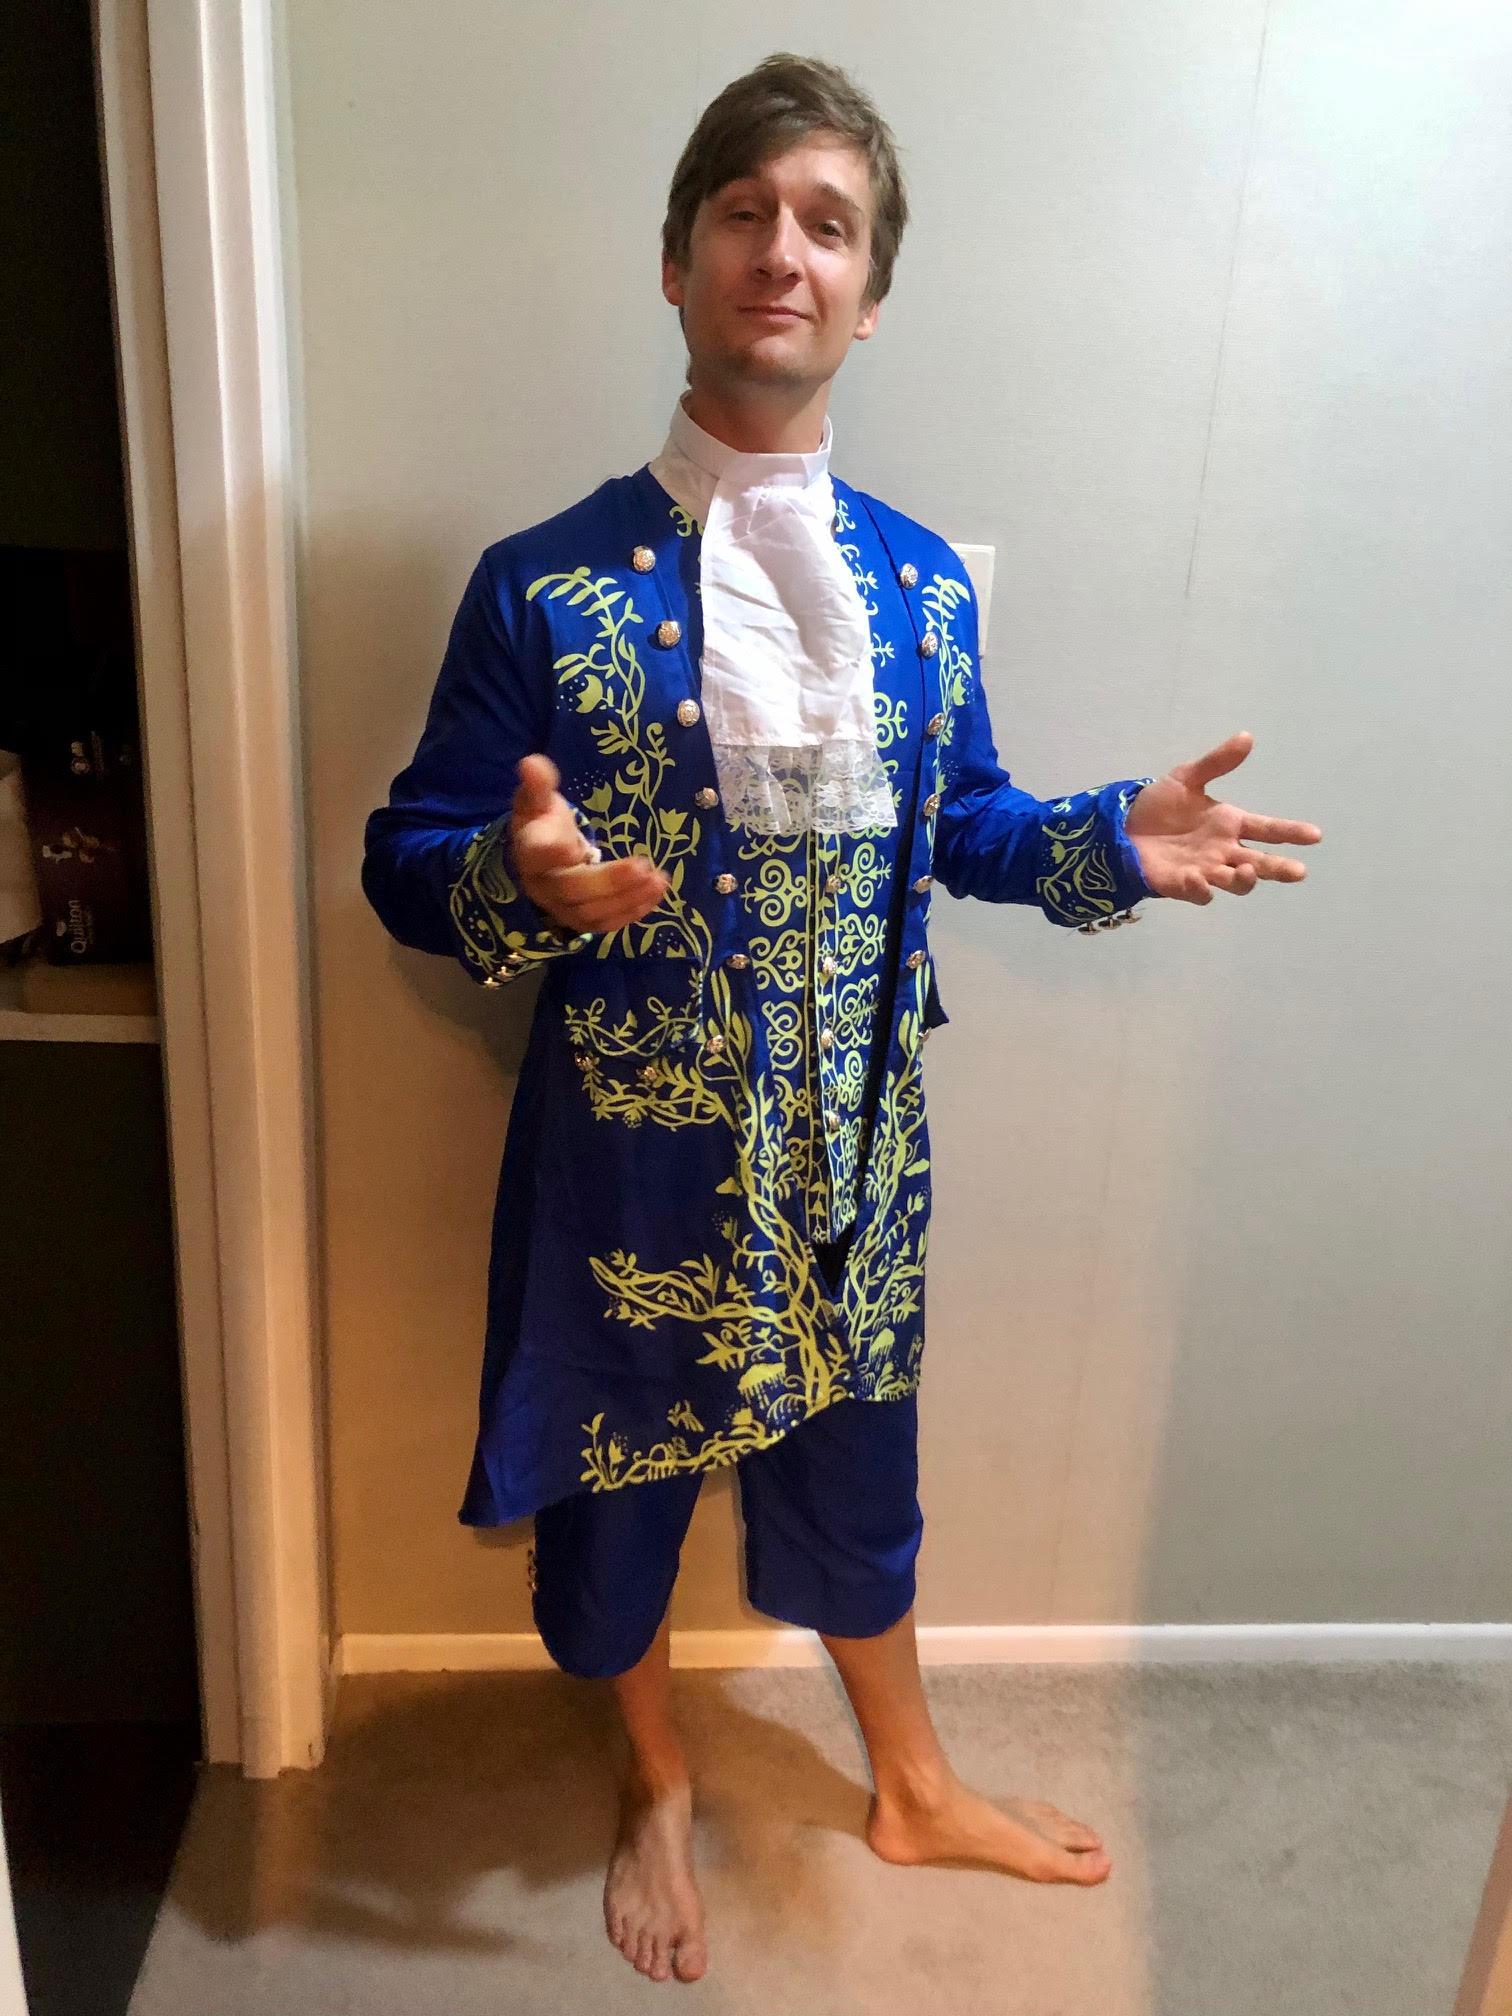 Prince - SuperFun Parties